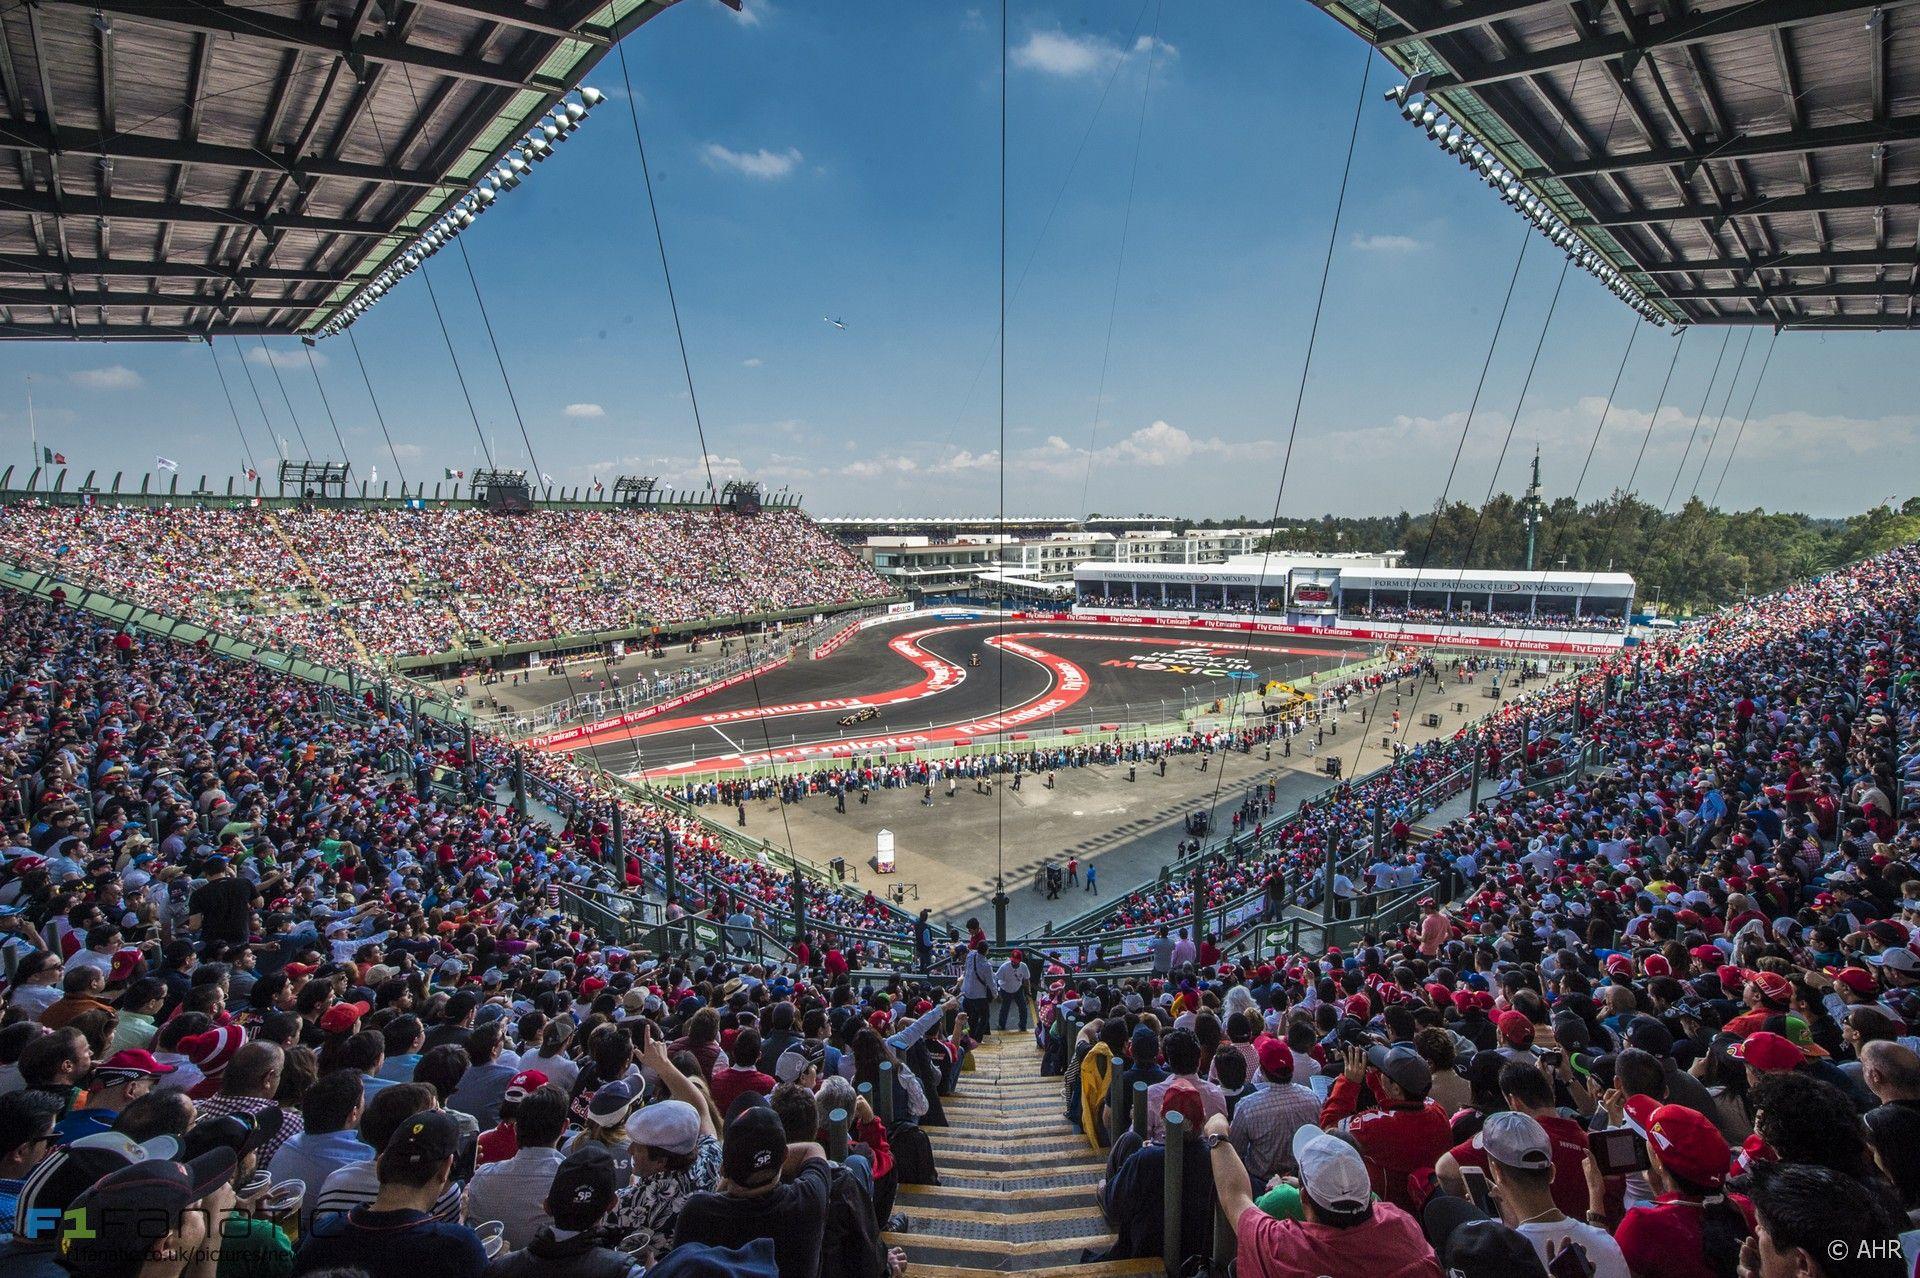 Lo splendido colpo d'occhio dello stadio al'interno del circuito di Città del Messico (foto da: f1fanatic.co.uk)